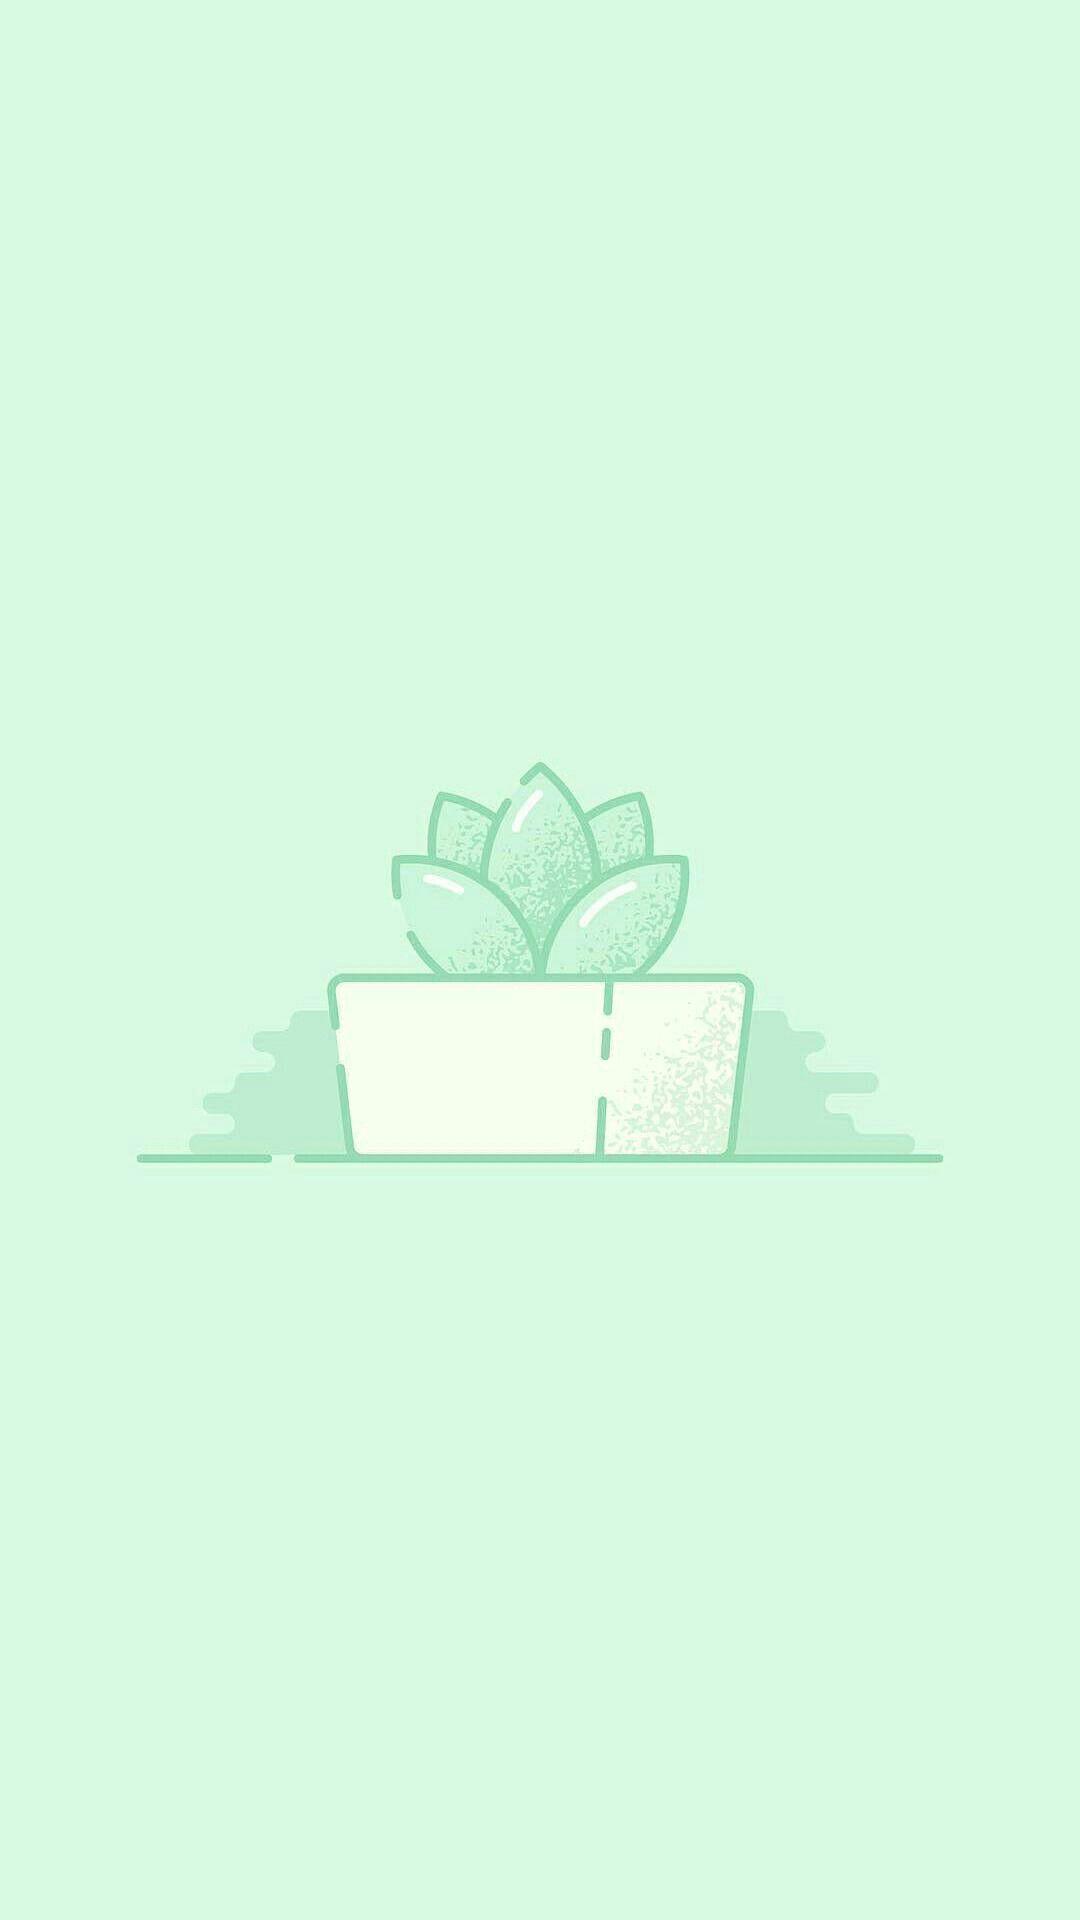 Light Green Aesthetic : light, green, aesthetic, Aesthetic, Light, Green, Iphone, Wallpaper